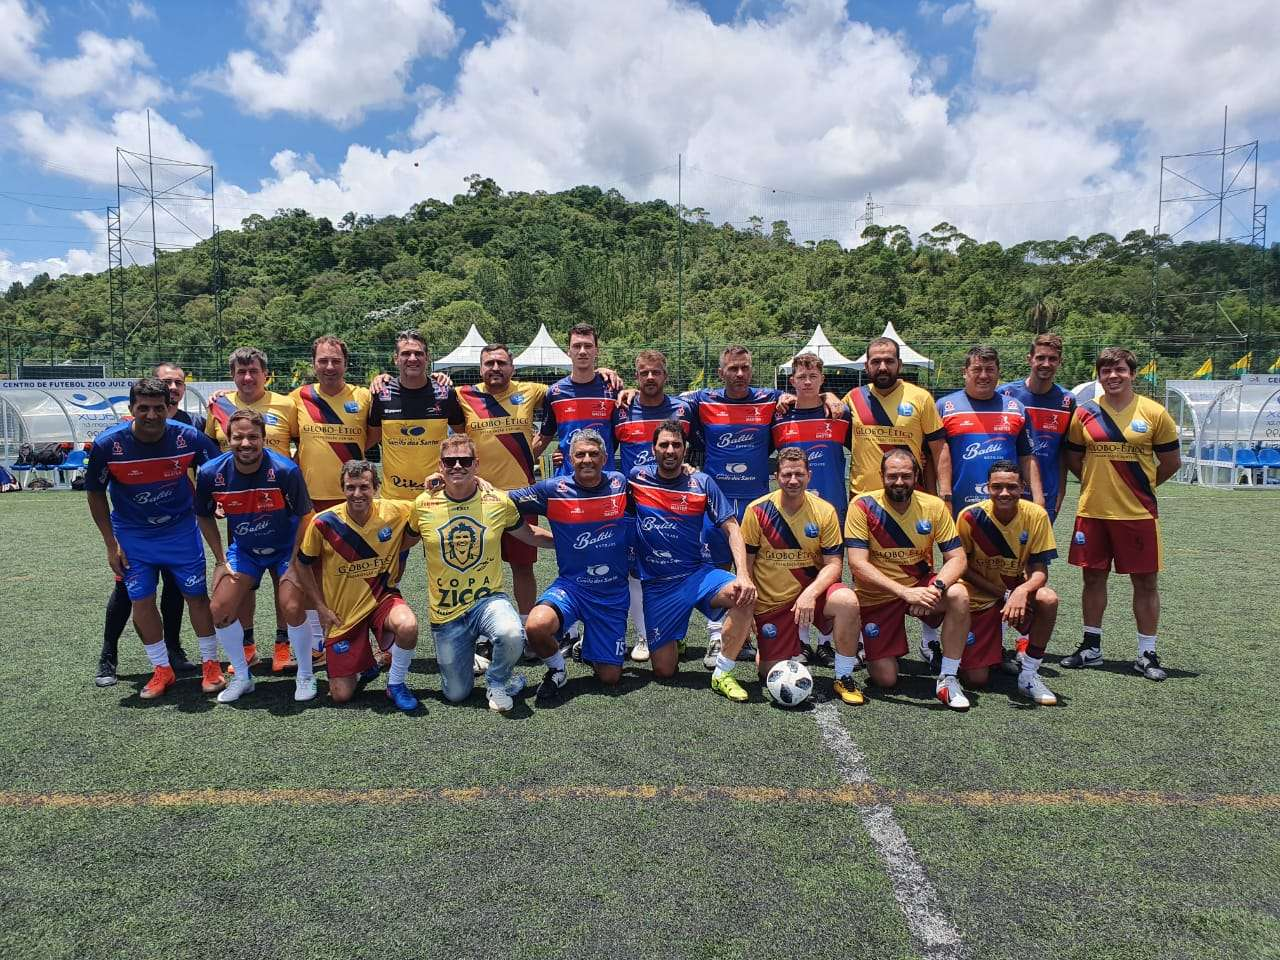 Confira os resultados da Copa Zico Verão JF